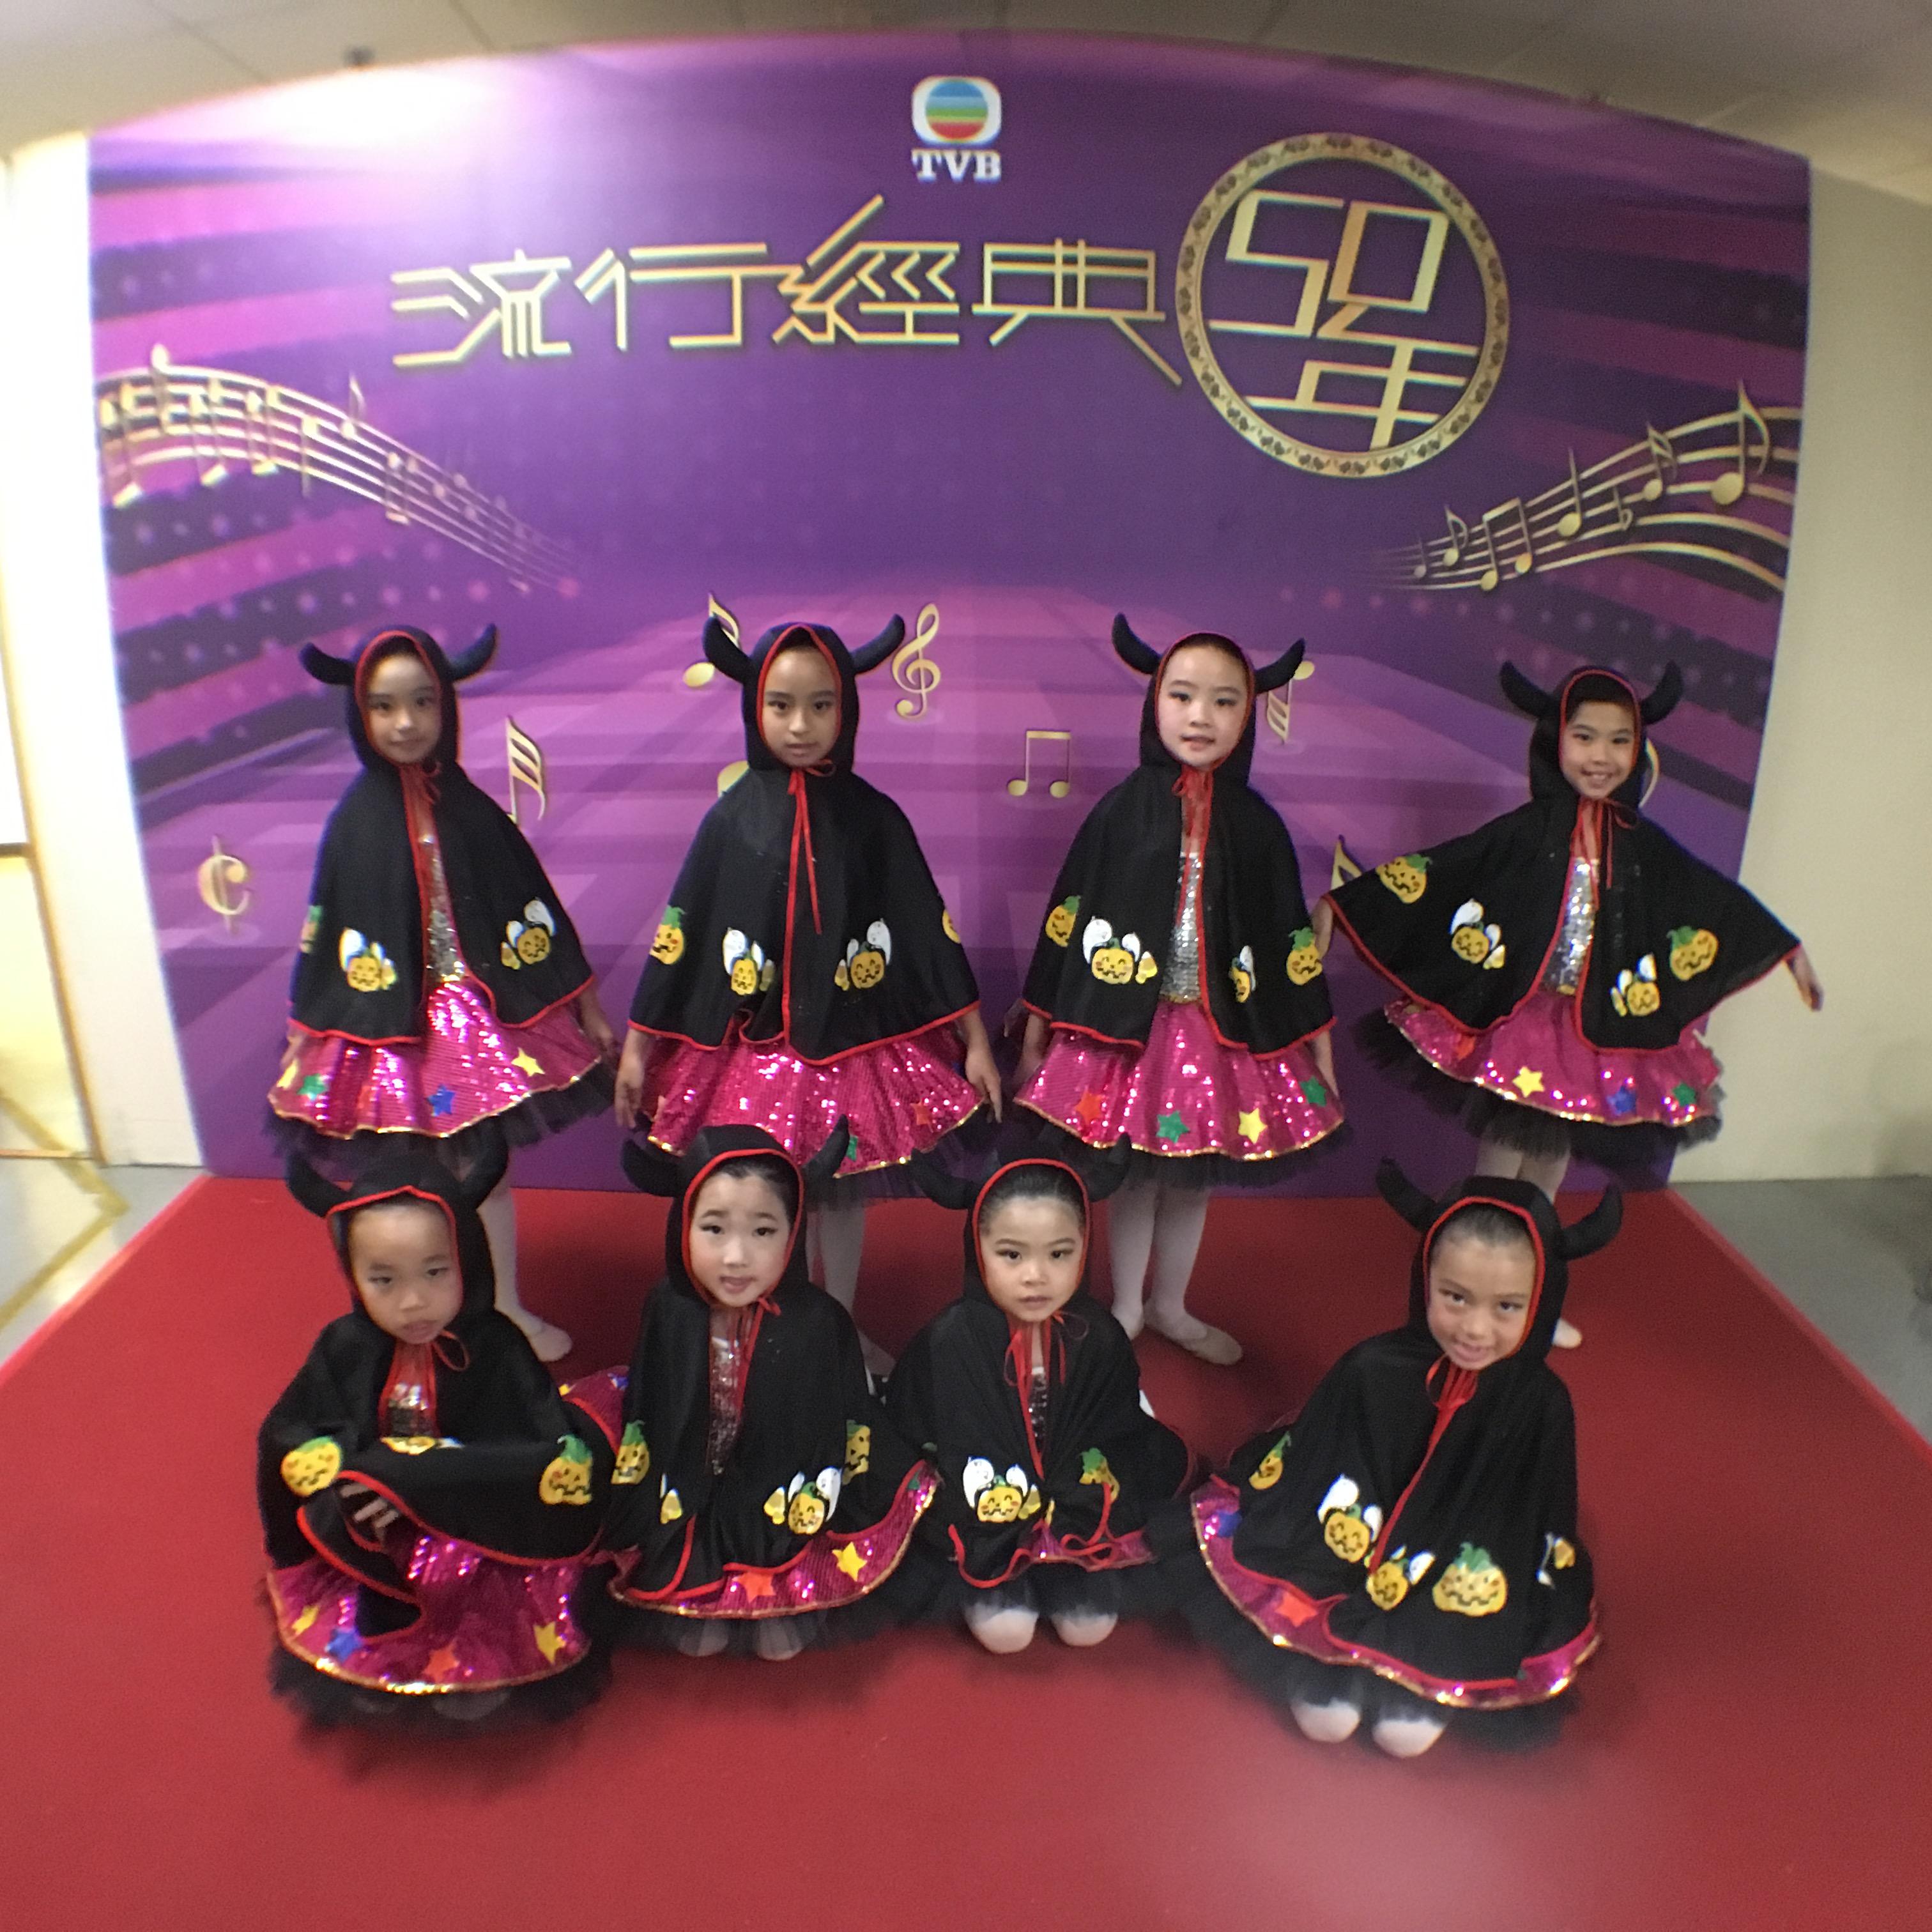 TVB文化新領域